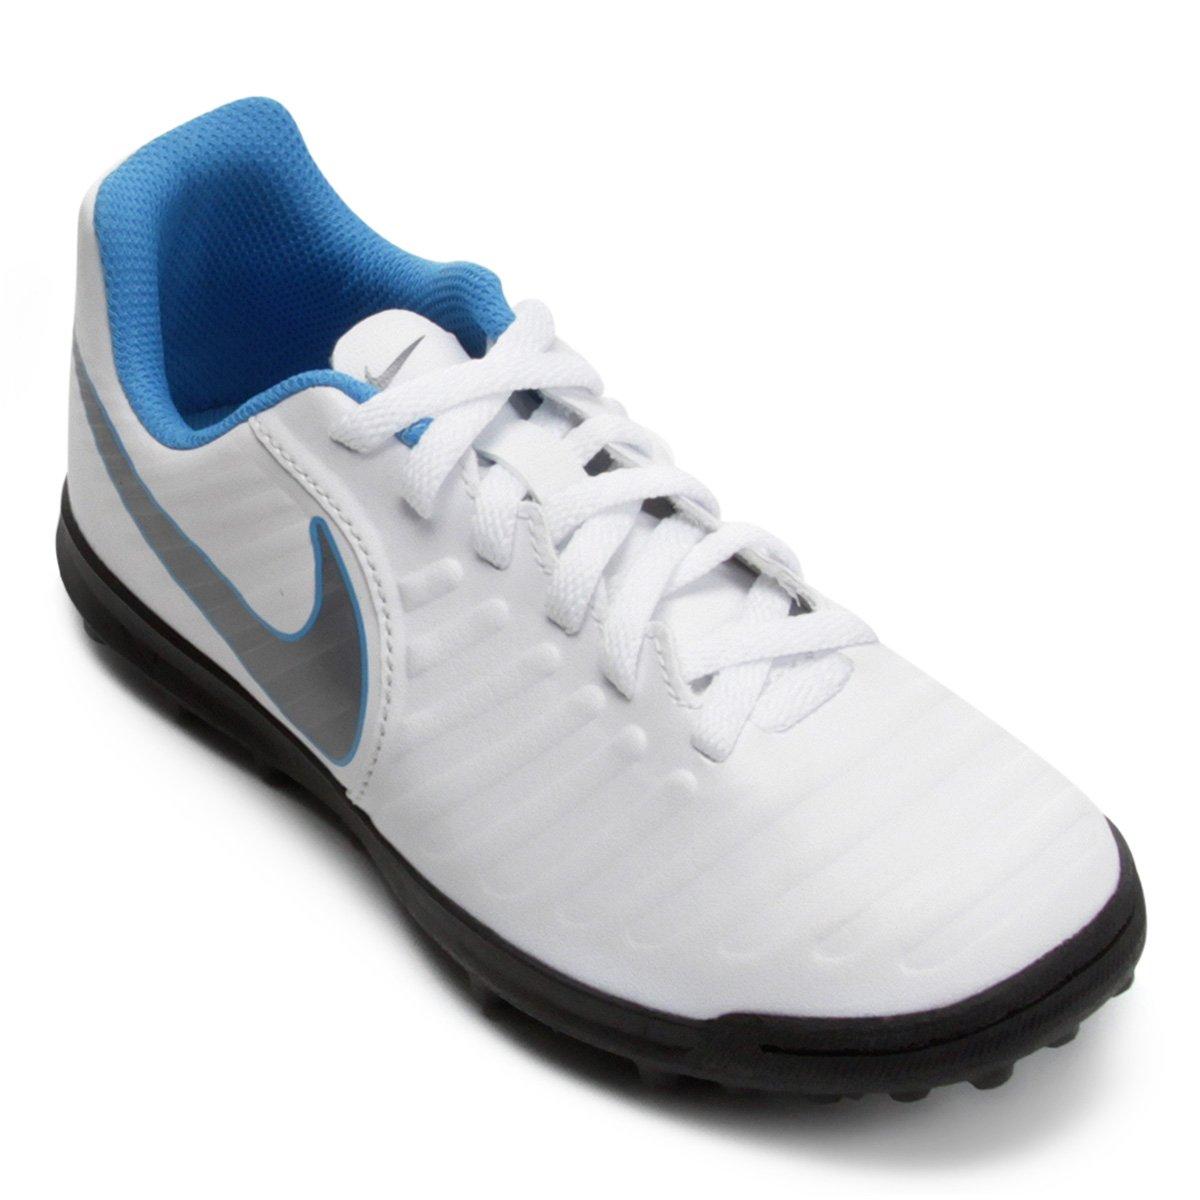 7925f640bd Chuteira Society Infantil Nike Tiempo Legend 7 Club TF - Branco e Cinza - Compre  Agora